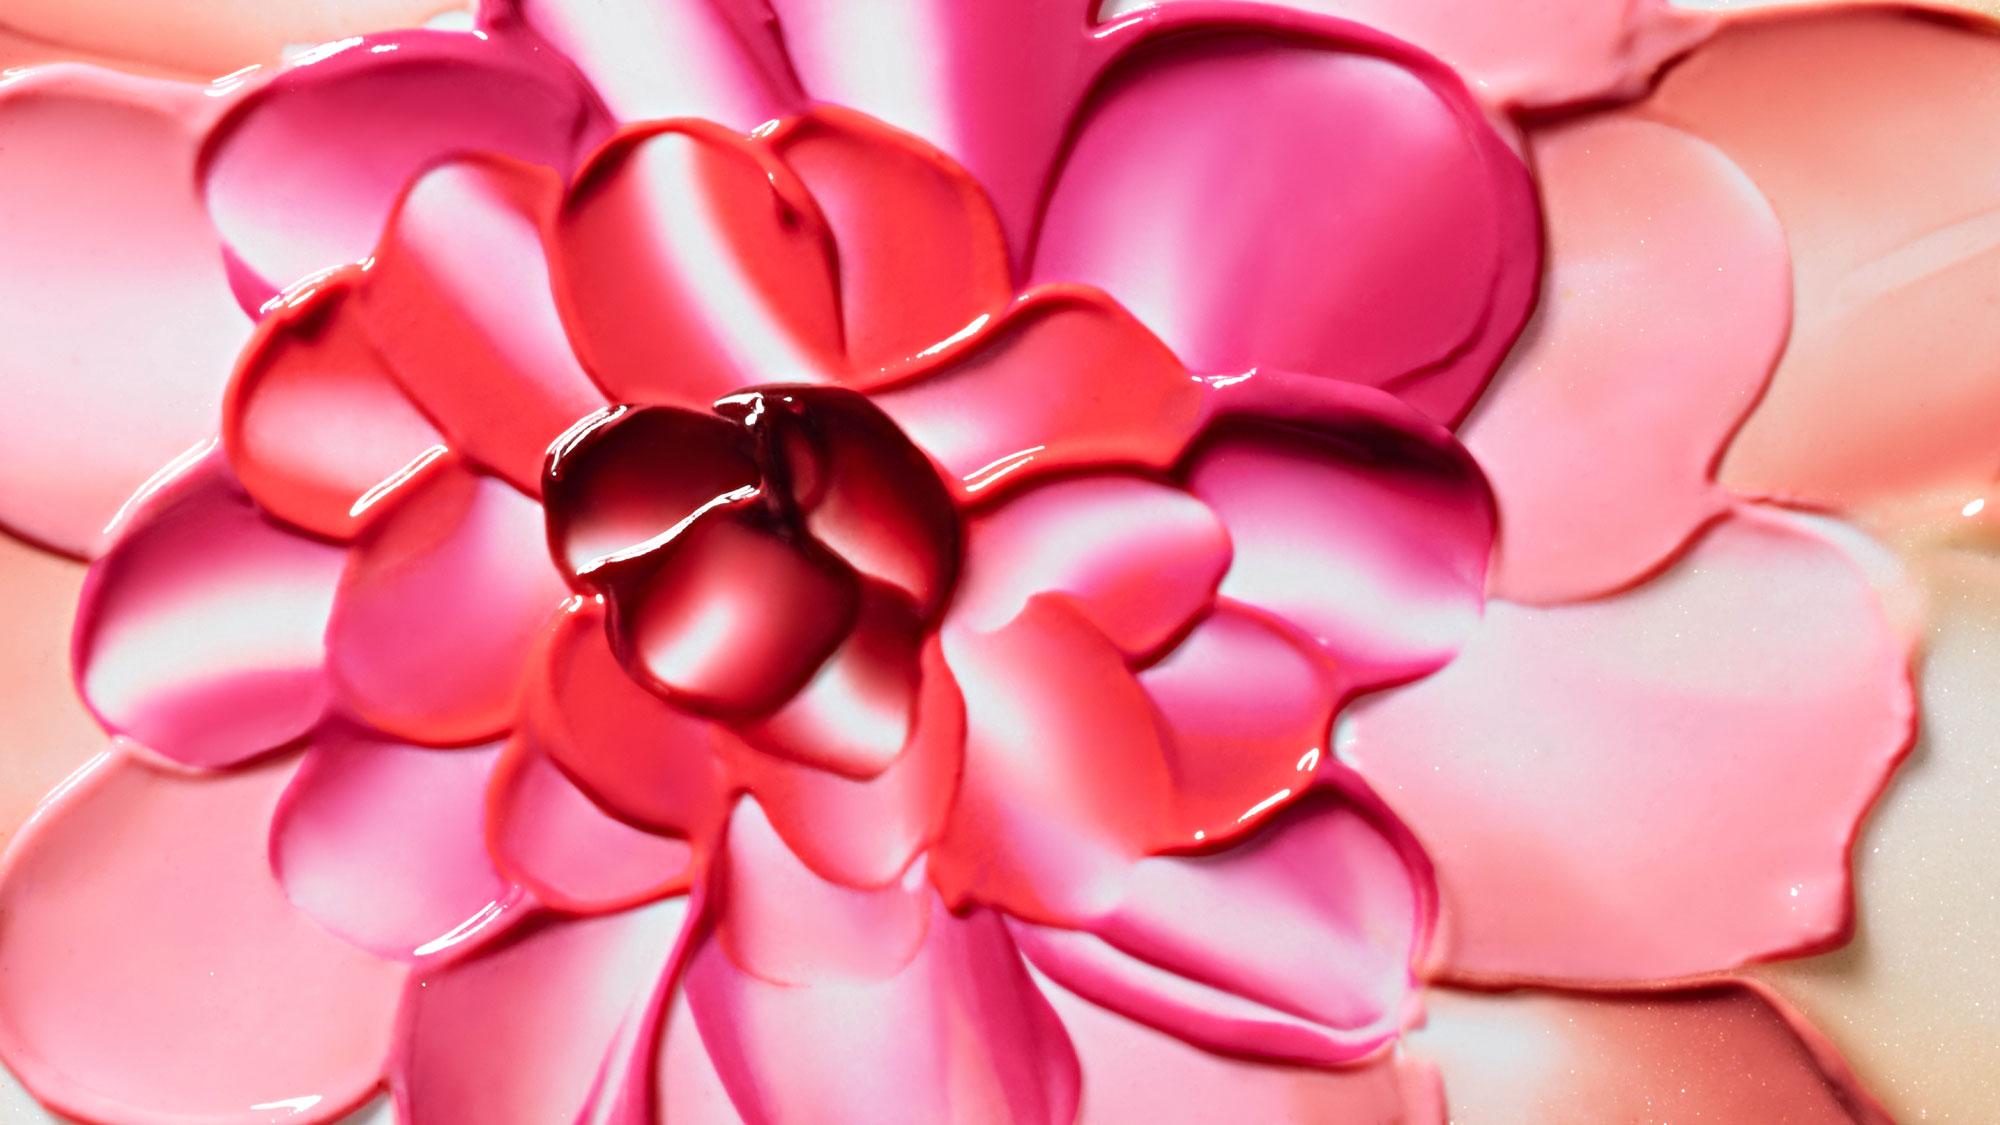 ORIGINS_SHEER_TEXTURE_FLOWER_V1.jpg